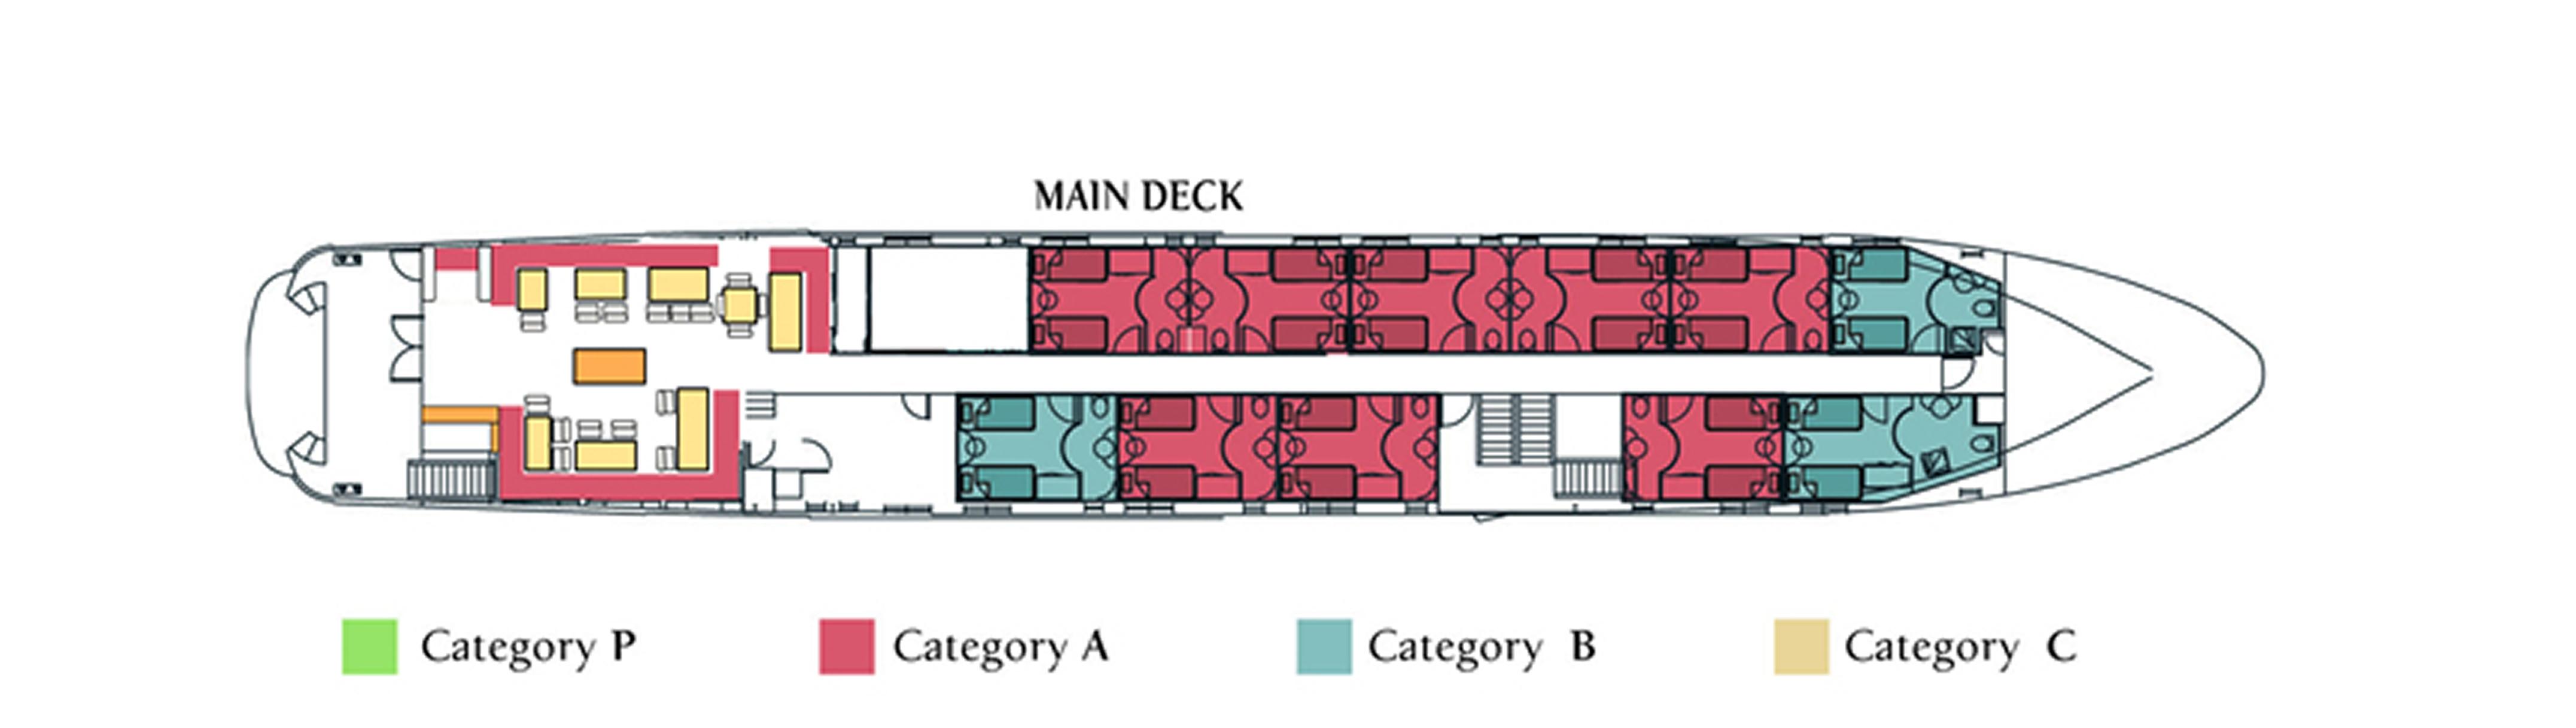 M/Y Harmony G, Main Deck